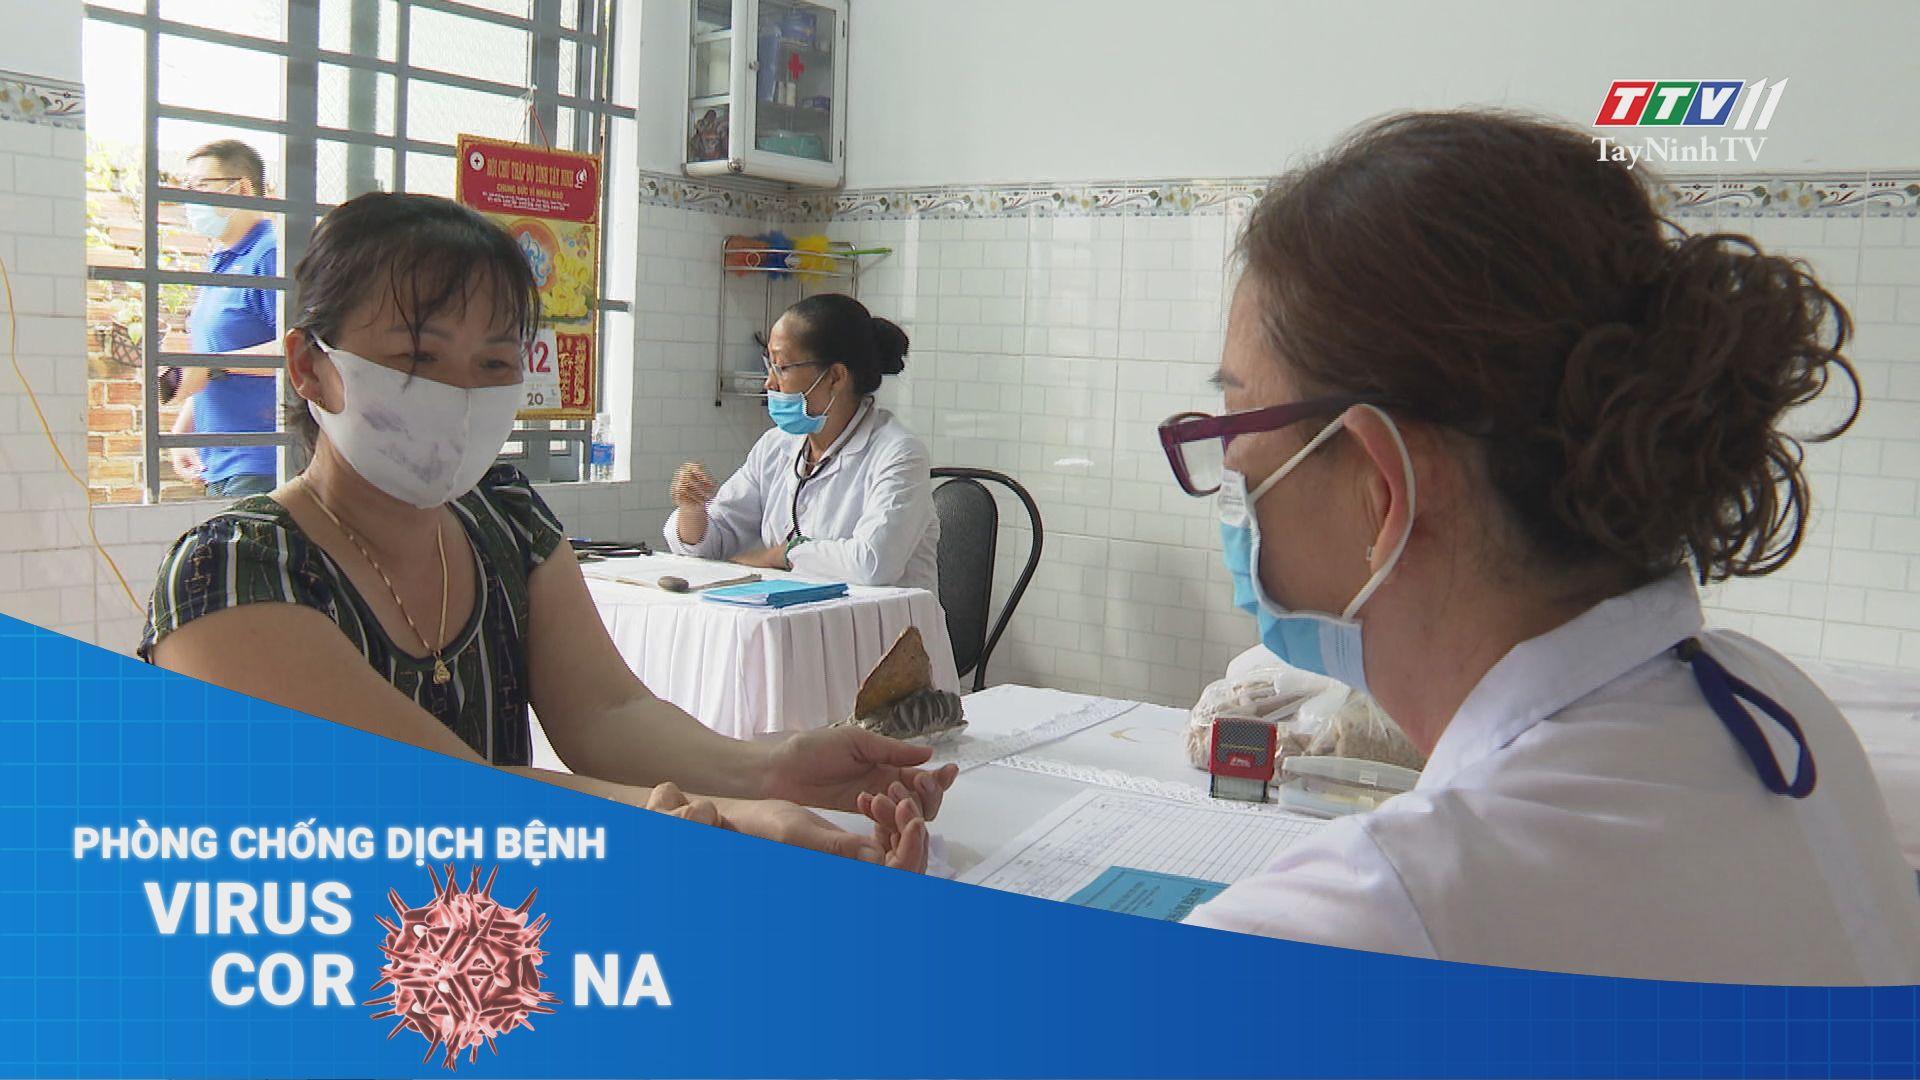 Đảm bảo an toàn tại các phòng chẩn trị y học cổ truyền | THÔNG TIN DỊCH CÚM | TayNinhTV